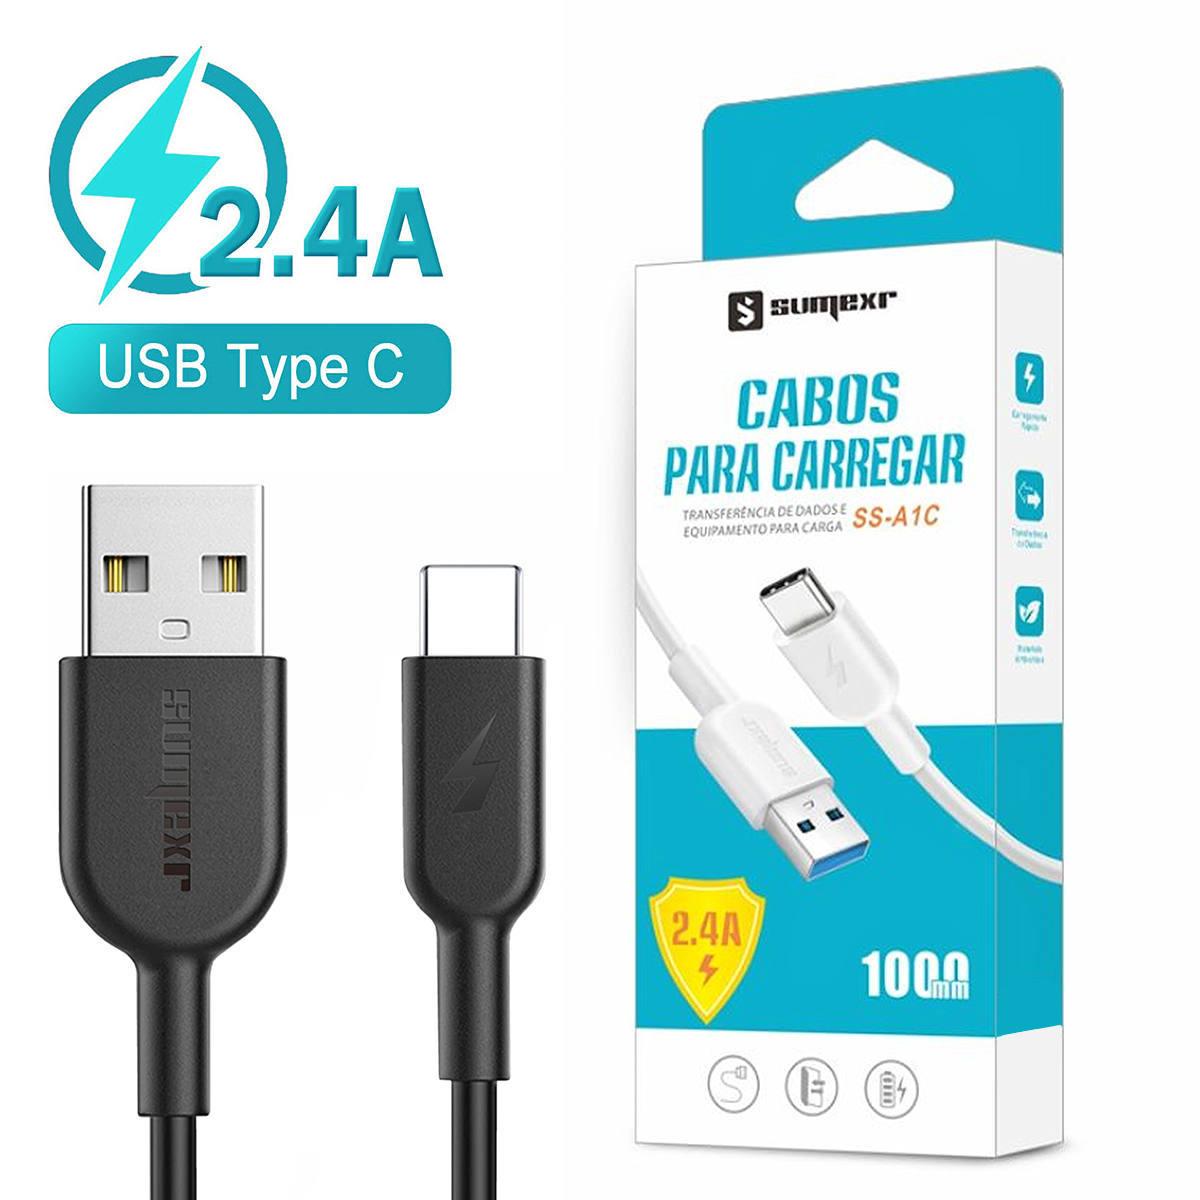 Cabo para Celular USB Tipo-C 2.4A 1 Metro Emborrachado e Resistente Sumexr SS-A1C Preto